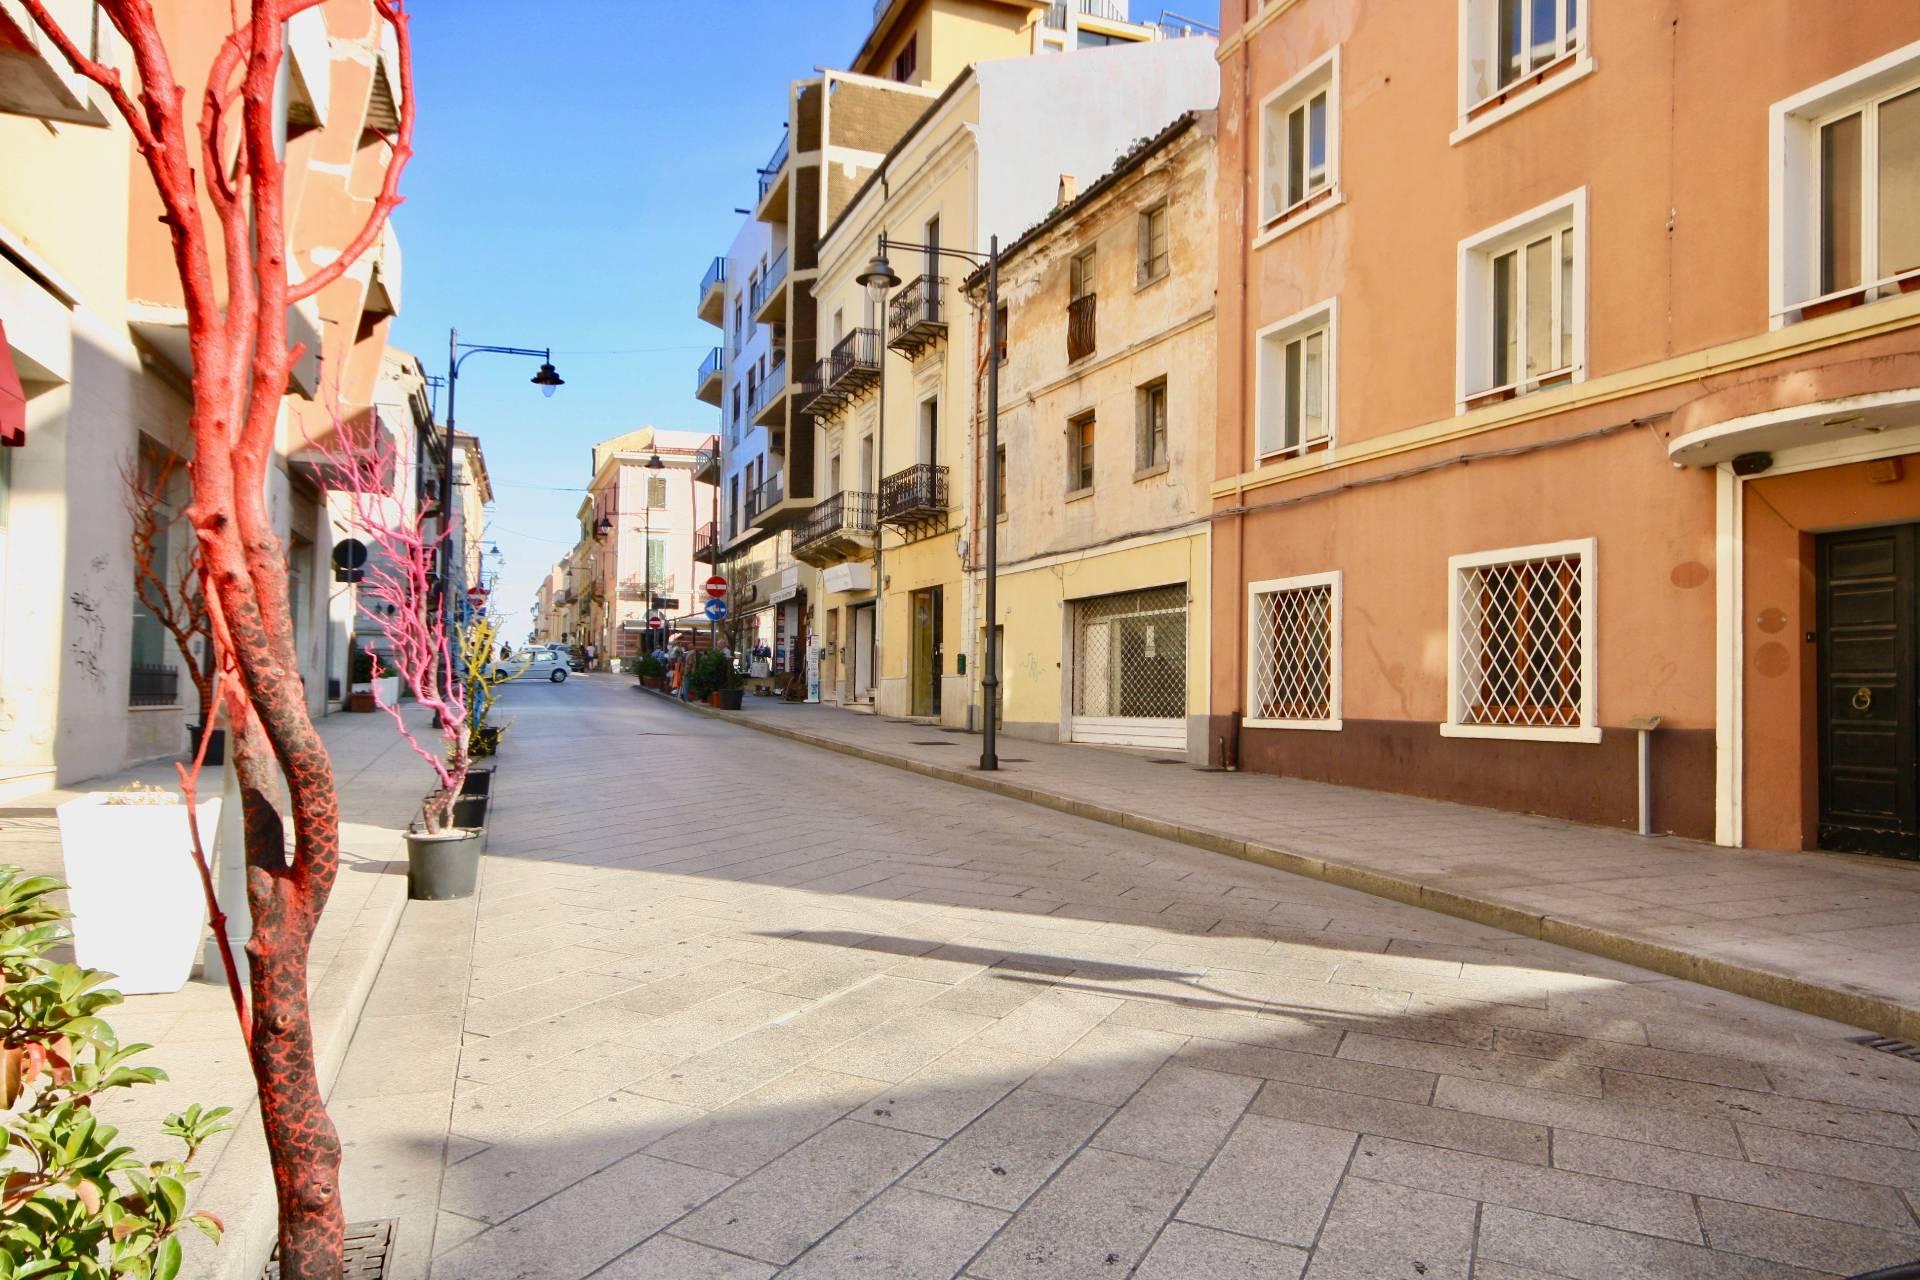 Negozio / Locale in affitto a Olbia - Porto Rotondo, 9999 locali, zona Località: Olbiacittà, prezzo € 1.600 | CambioCasa.it